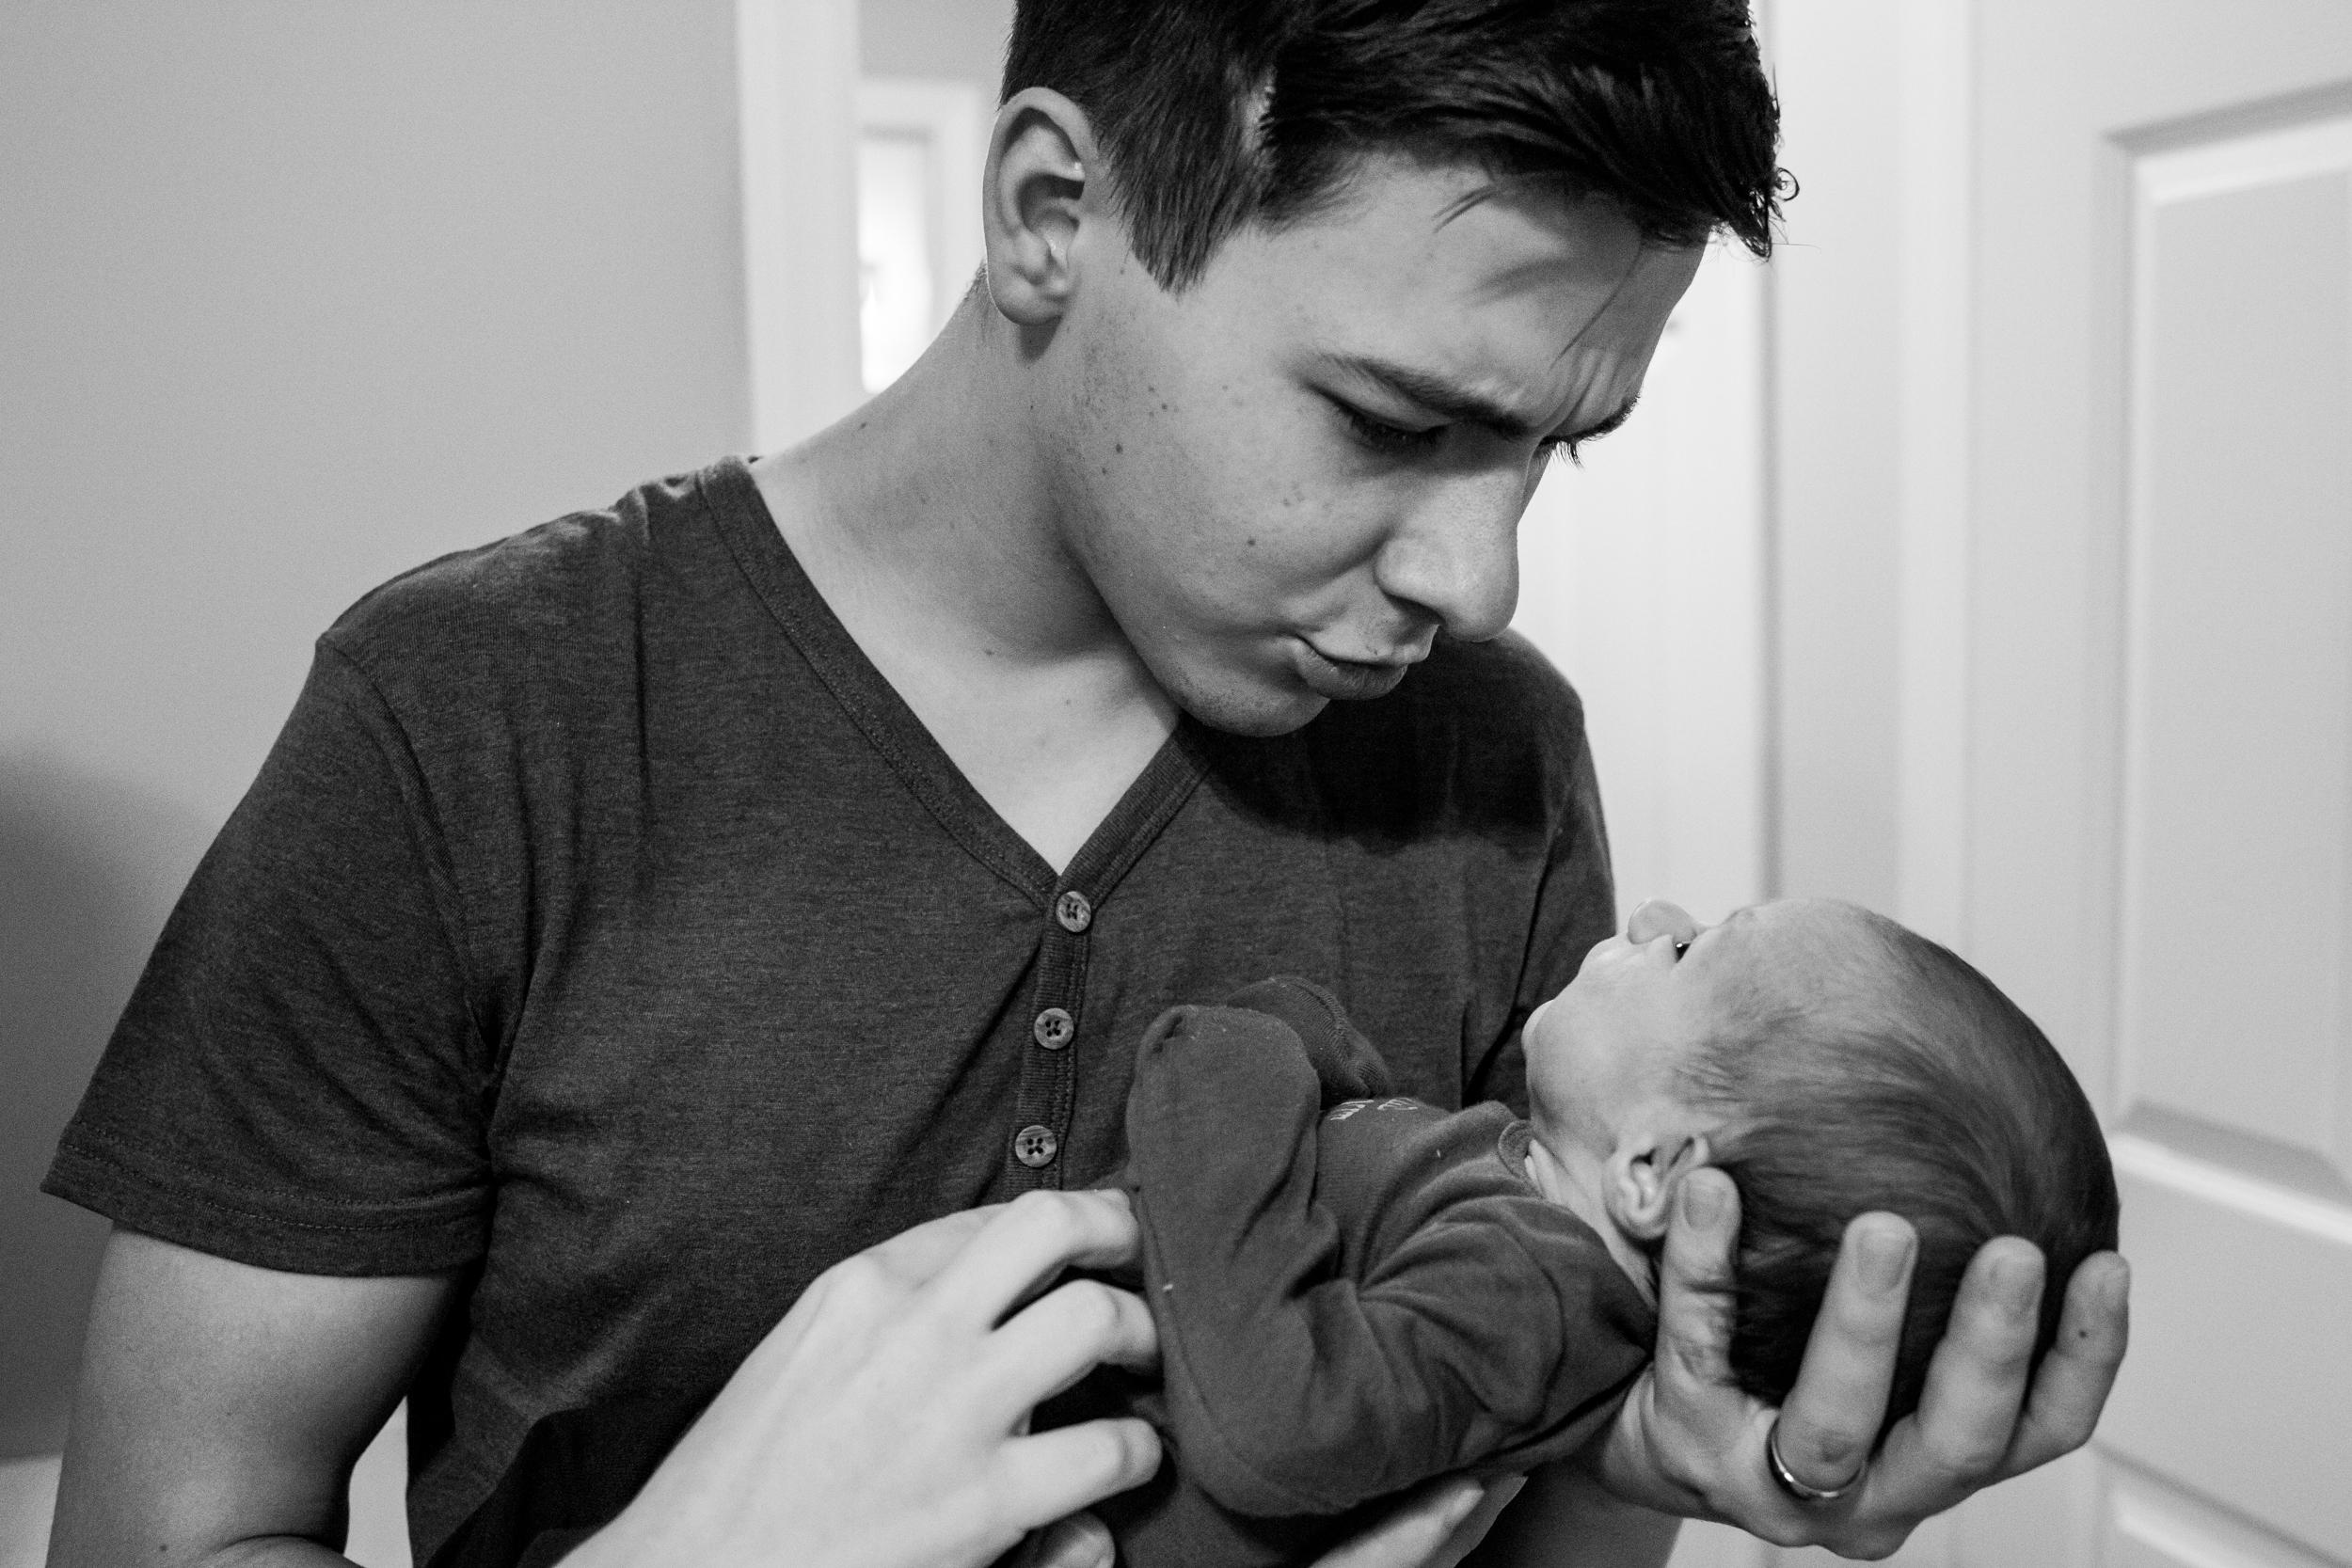 jacksonville-newborn-photographer-25.jpg